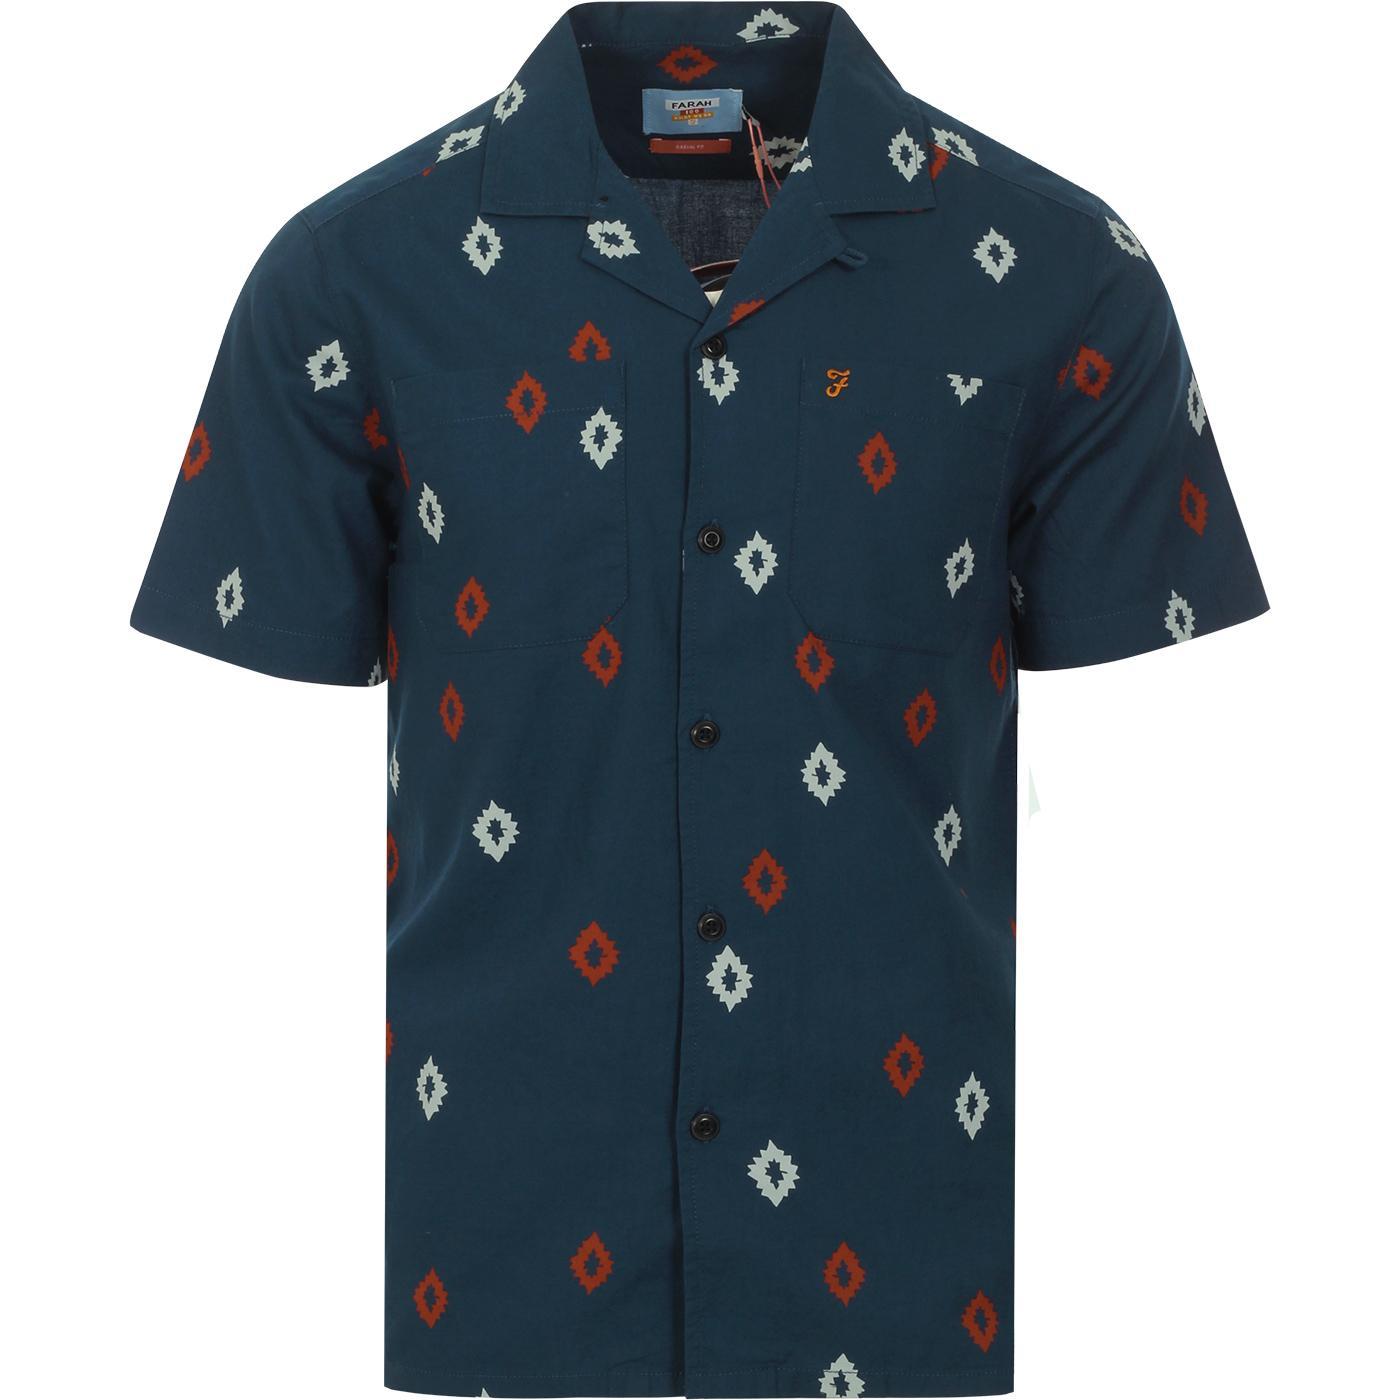 Hutchins FARAH 100 Archive Cuban Collar 70s Shirt